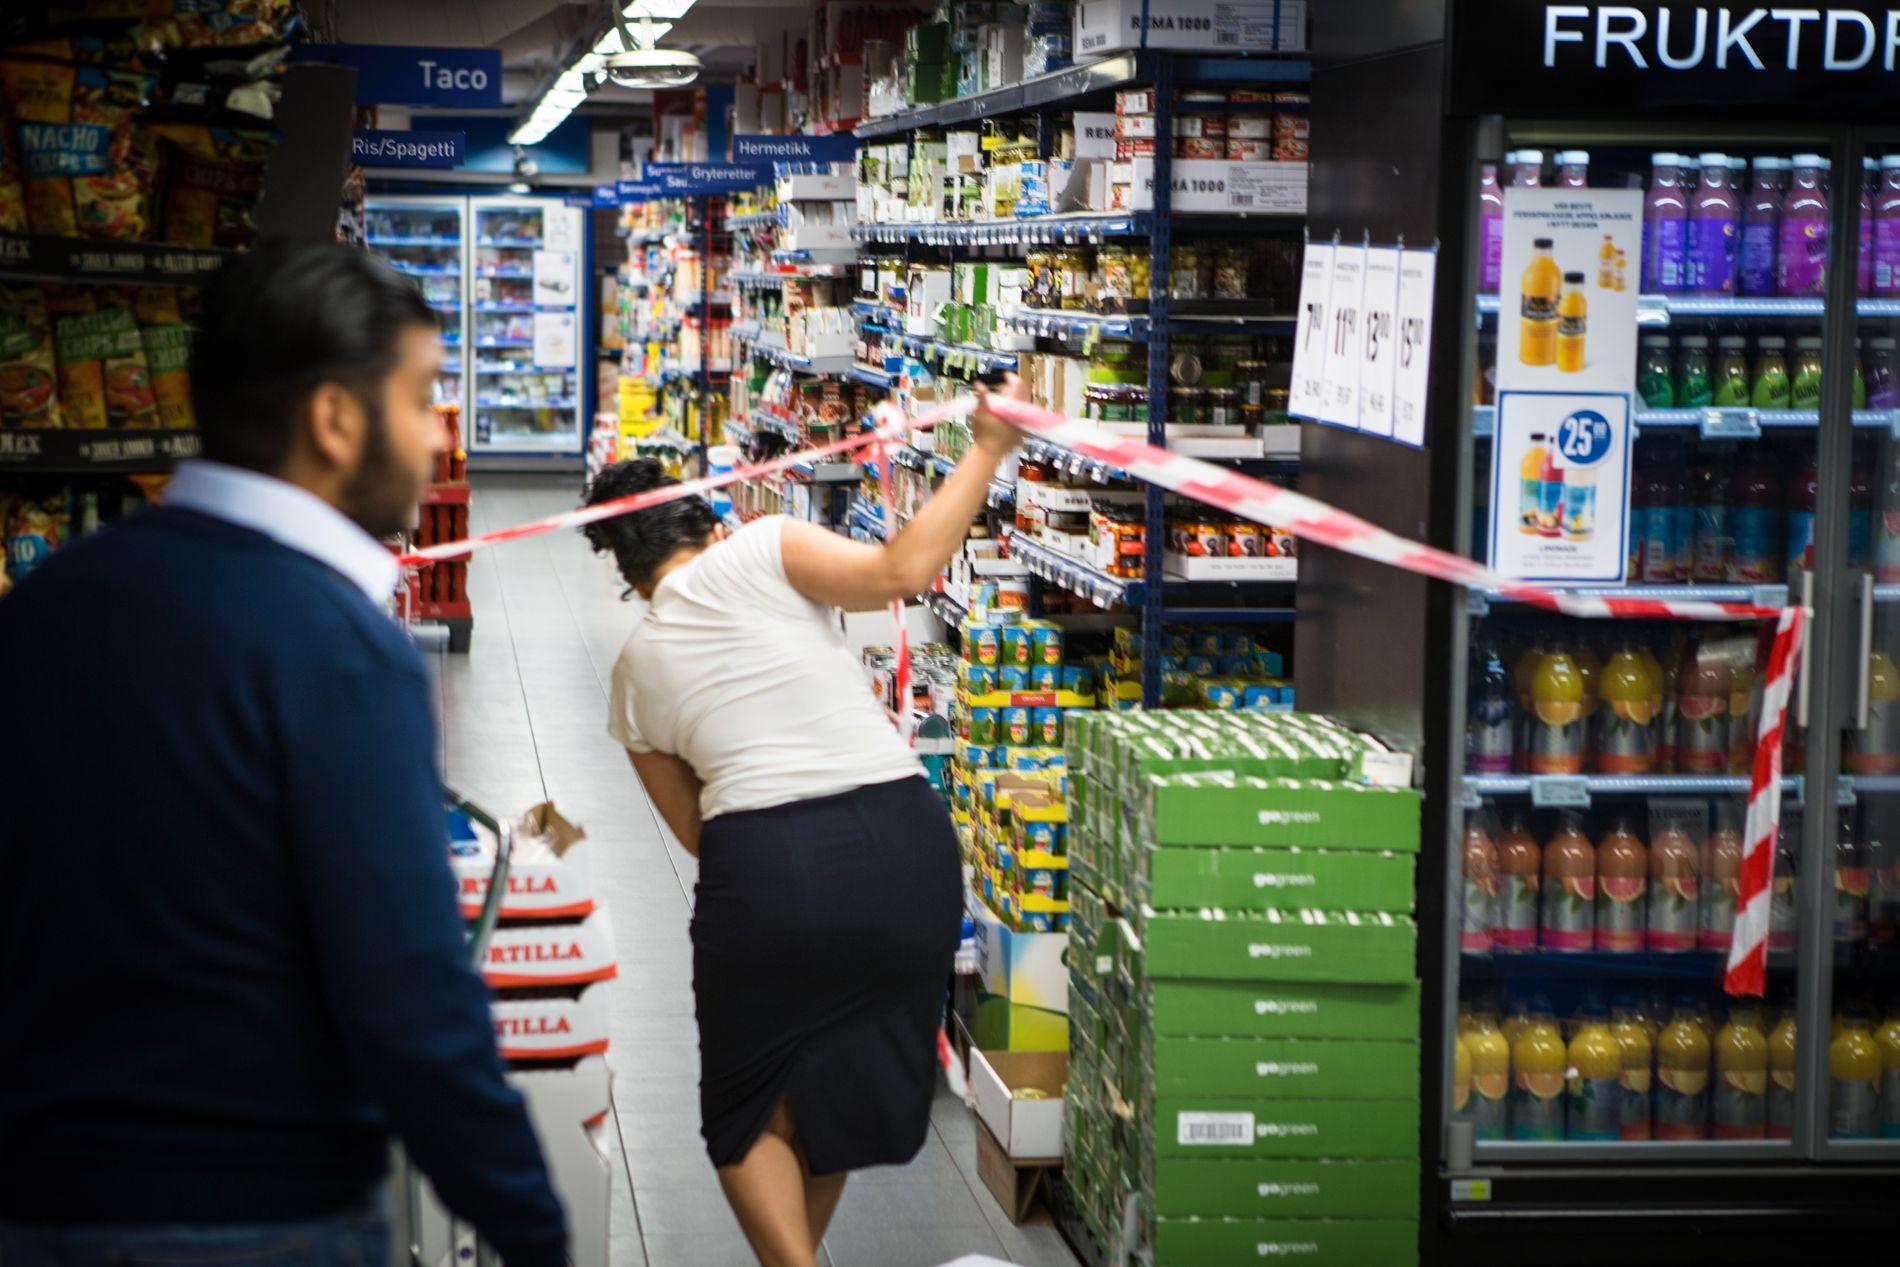 MØTTE IKKE VEGGEN: Båndene i Remas butikk på Løren var ikke til hinder for kundene. Og de fikk lov til å gjøre det og handlet i hele butikken. FOTO: MATHIAS JØRGENSEN/VG